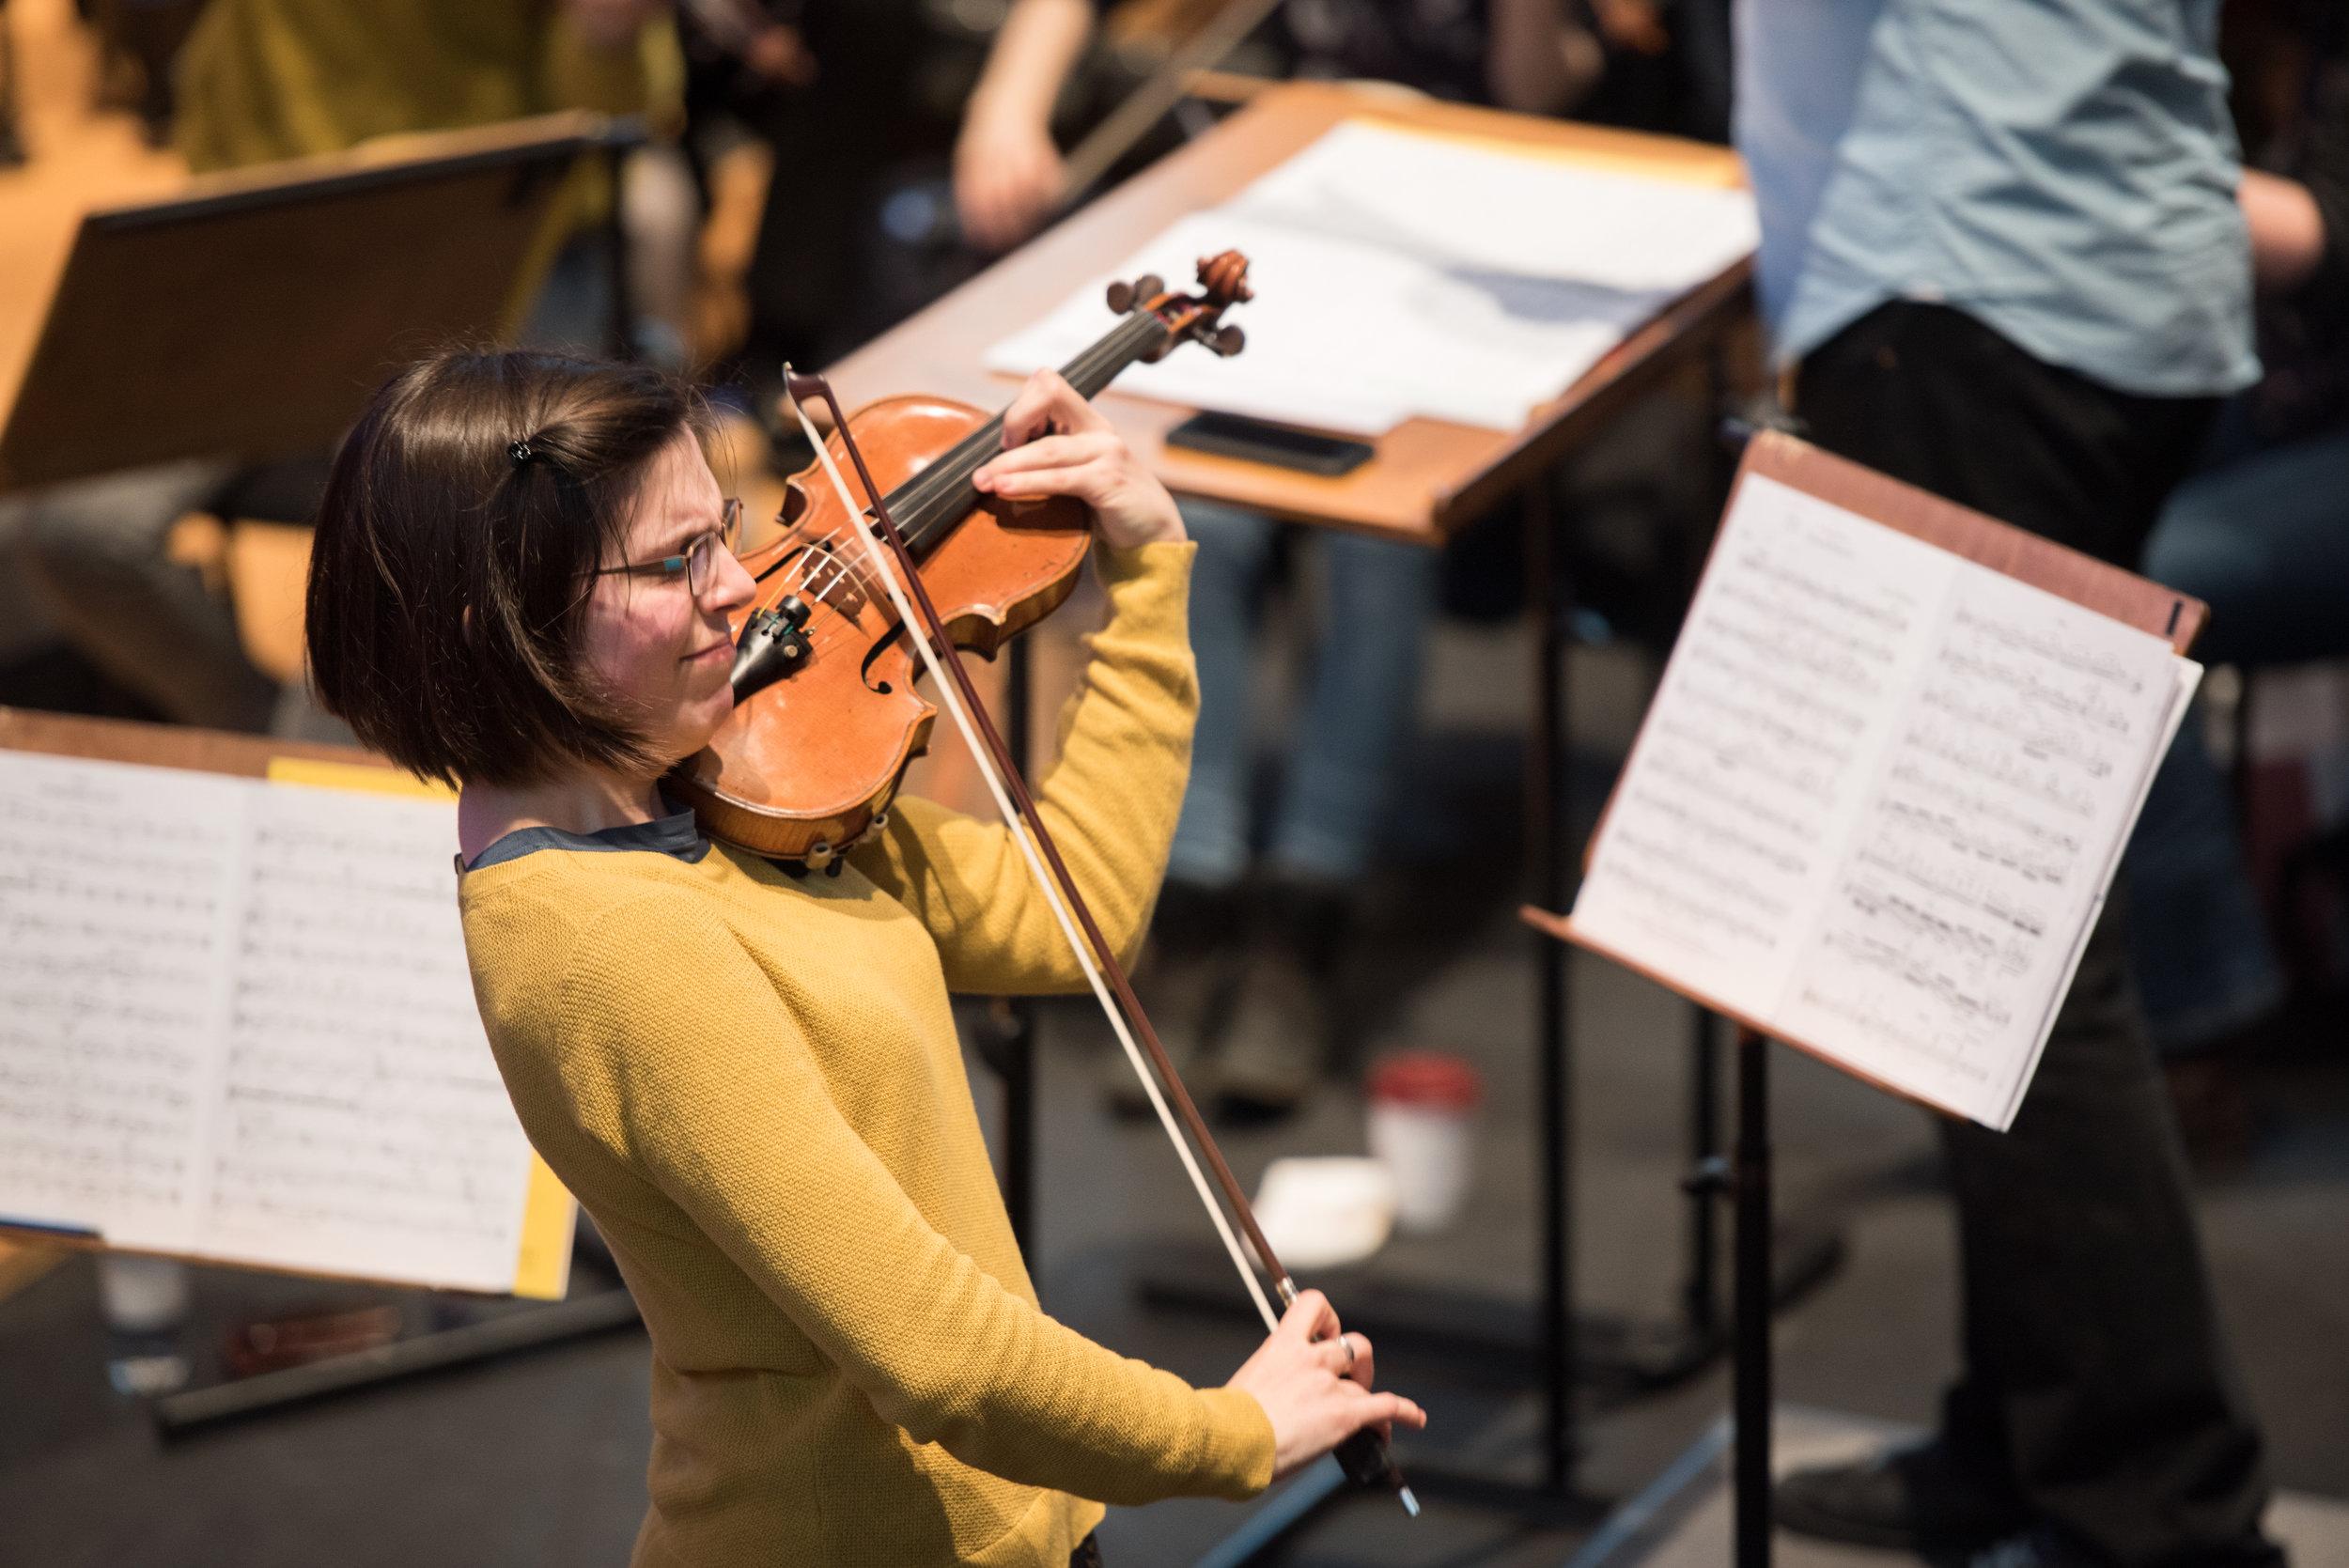 Francesca Barritt